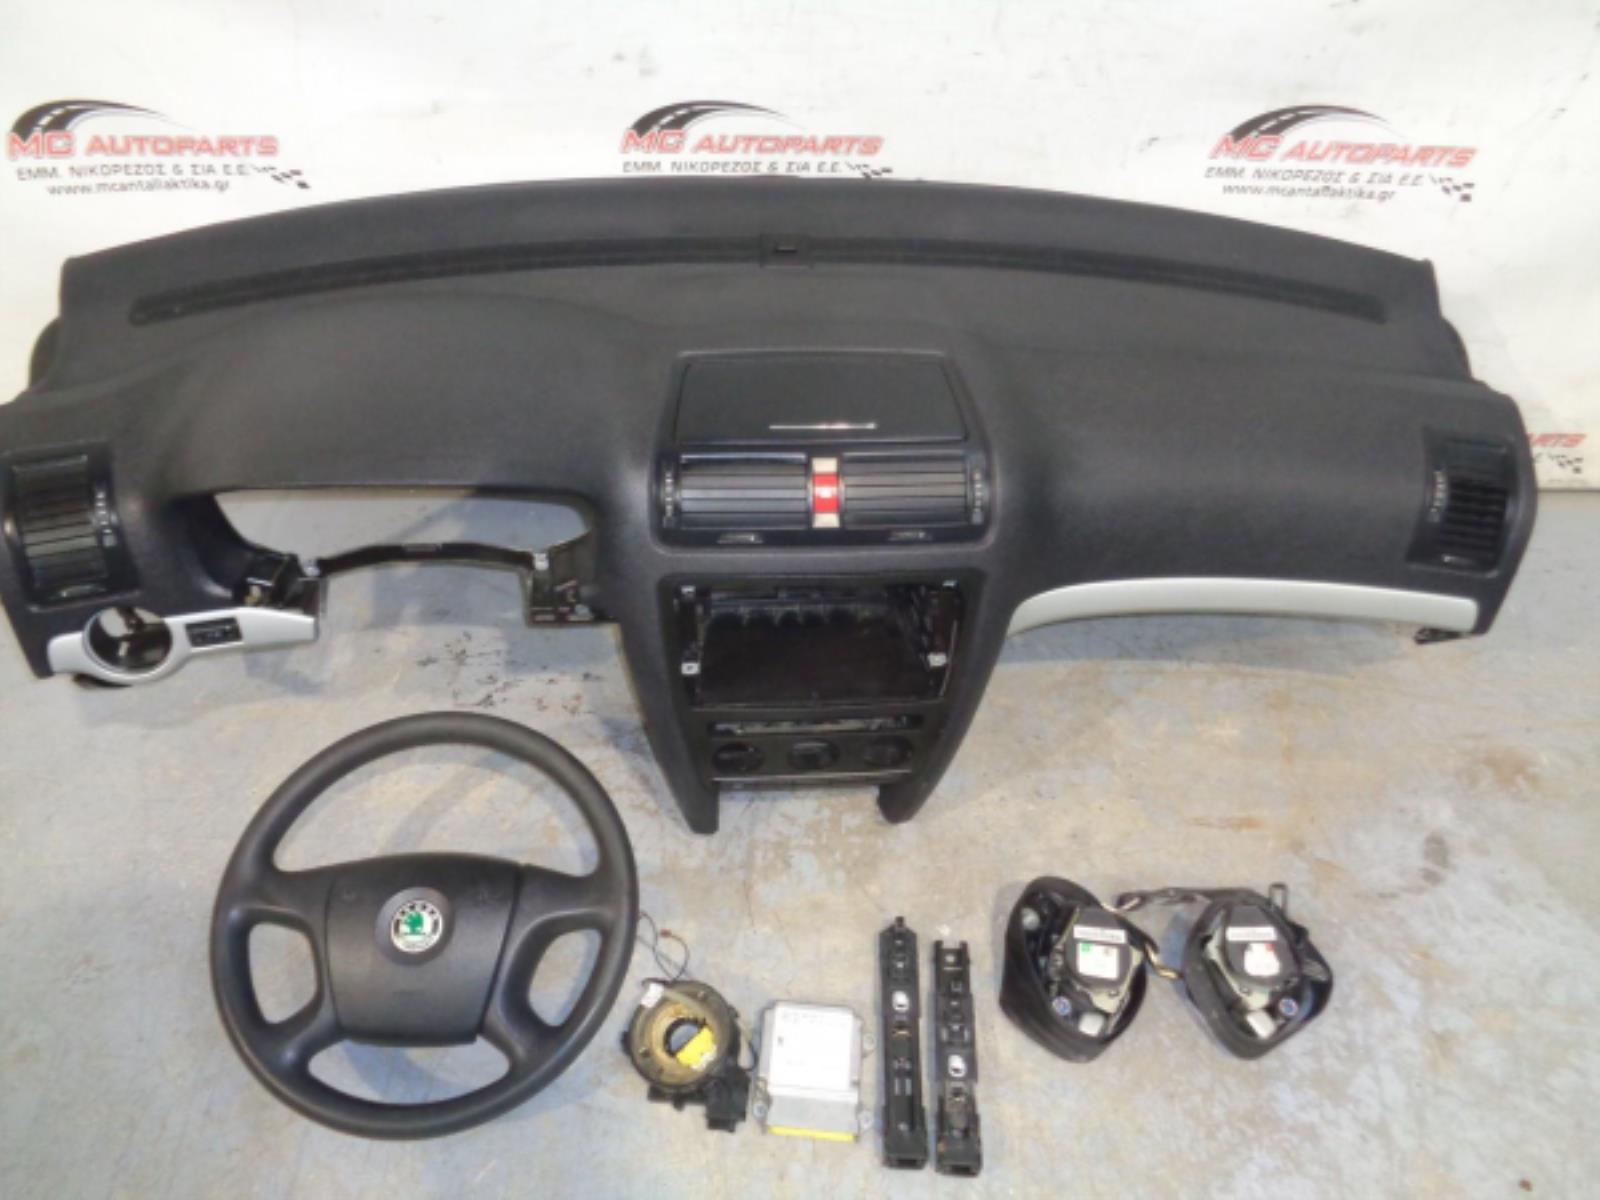 Εικόνα από Αερόσακος  Set  SKODA OCTAVIA 5 (2004-2008)     Οδηγού με τιμόνι,ταμπλό με συνοδηγού,2 ζώνες,ταινία,εγκέφαλος airbag